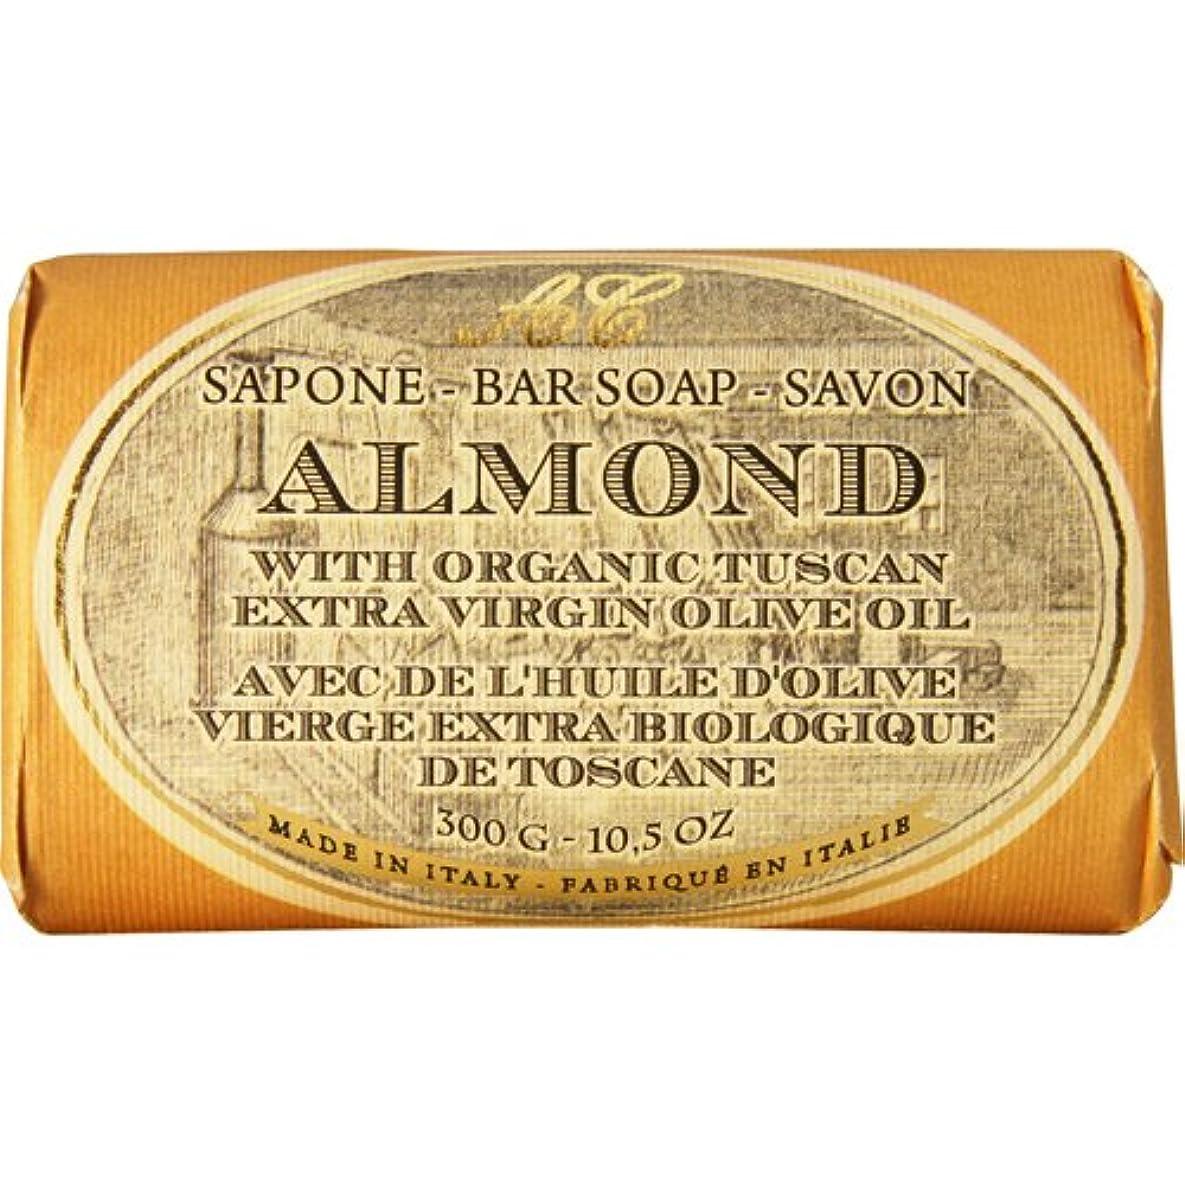 黙思いつくバンジージャンプSaponerire Fissi レトロシリーズ Bar Soap バーソープ 300g Almond アーモンドオイル